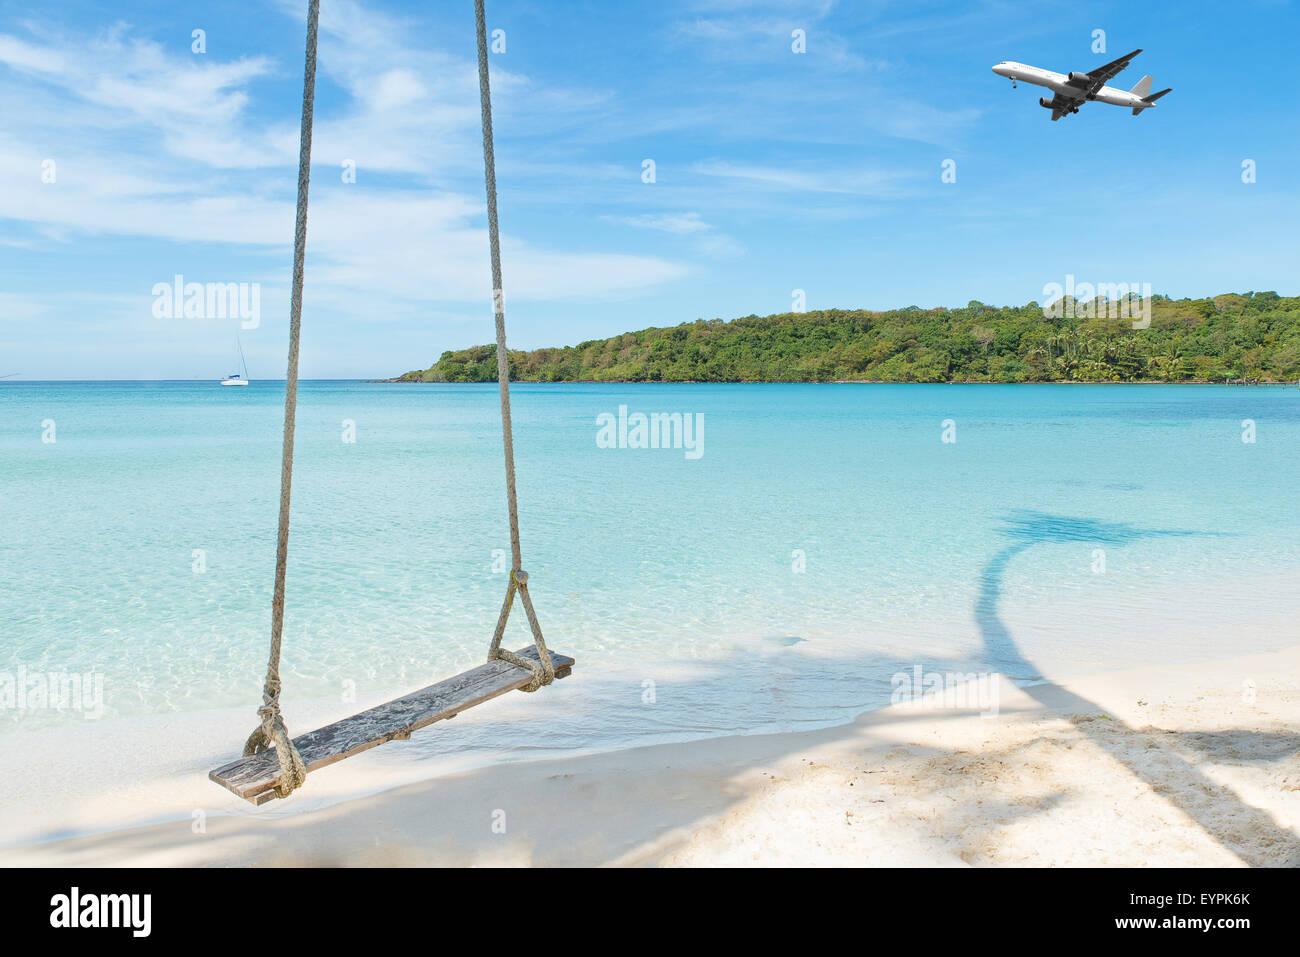 L'été, les voyages, vacances et Maison de Vacances - Avion concept plage mer tropicaux arrivant à Phuket en Thaïlande,. Banque D'Images